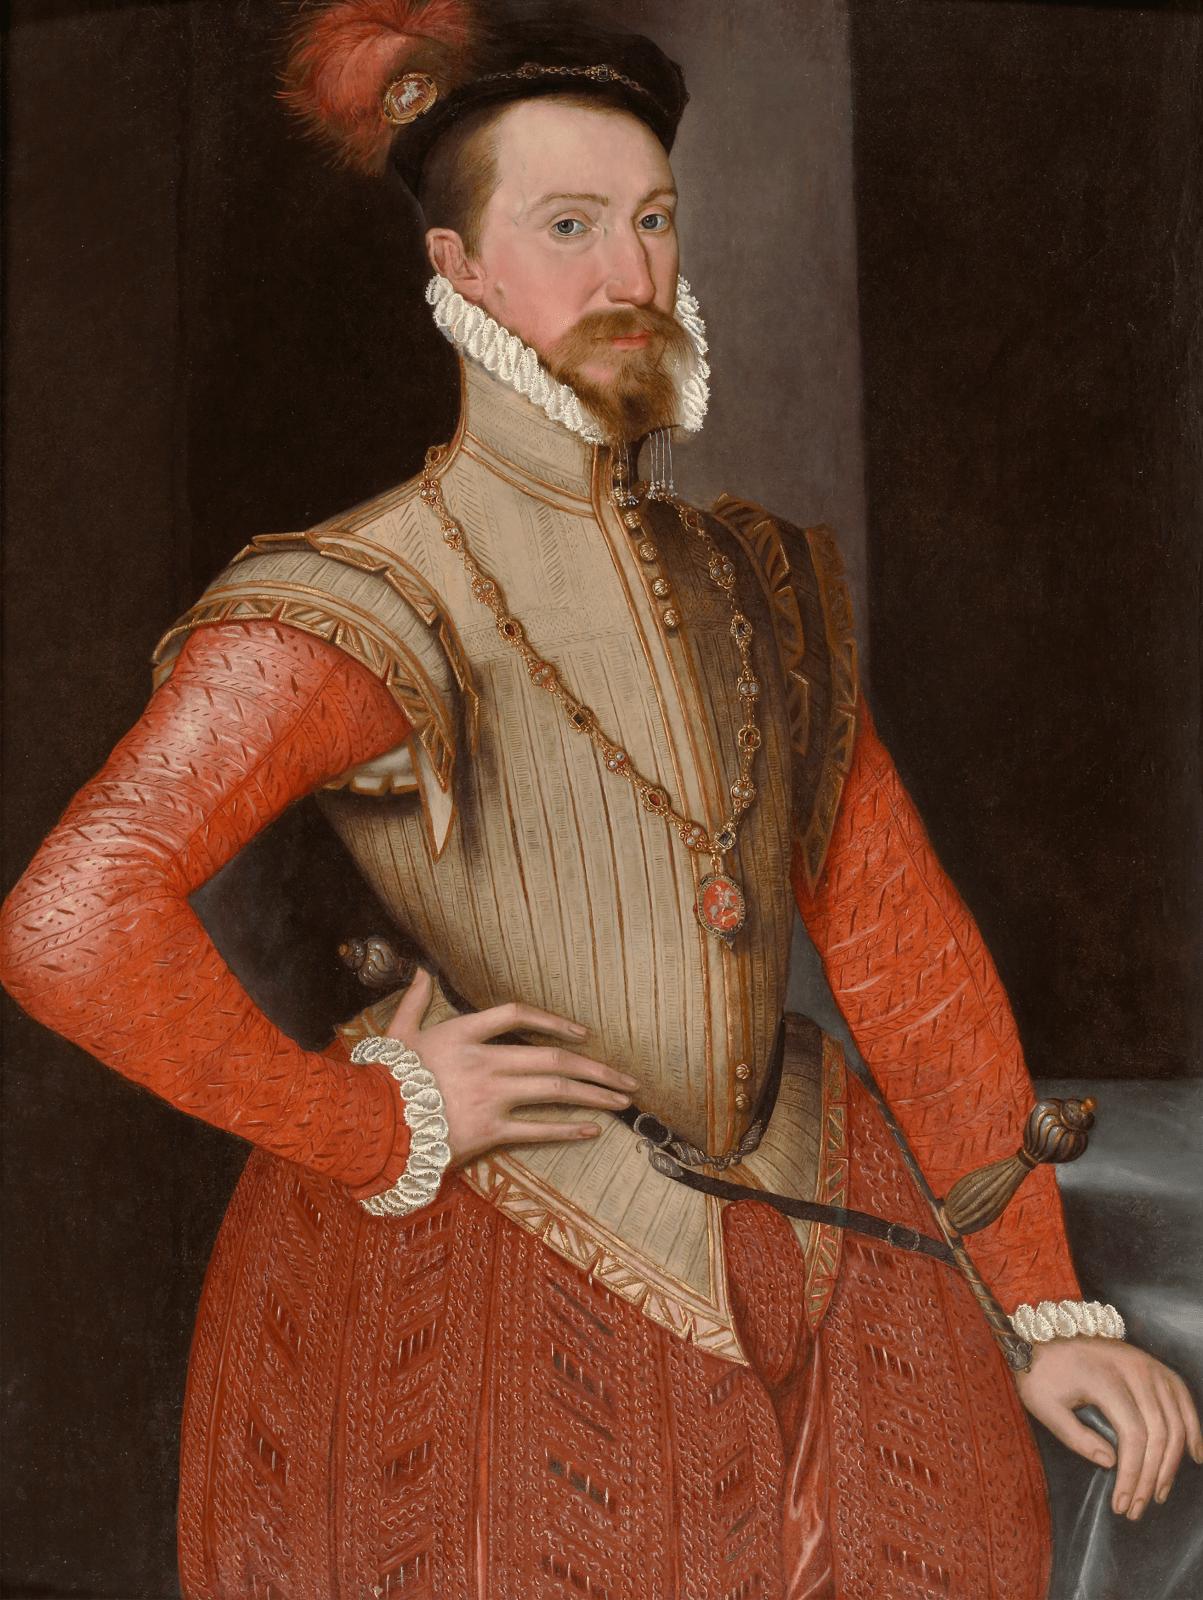 [Fig. 5] Workshop of Steven van der Meulen, Robert Dudley, Earl of Leicester (1532–1588), c. 1562.